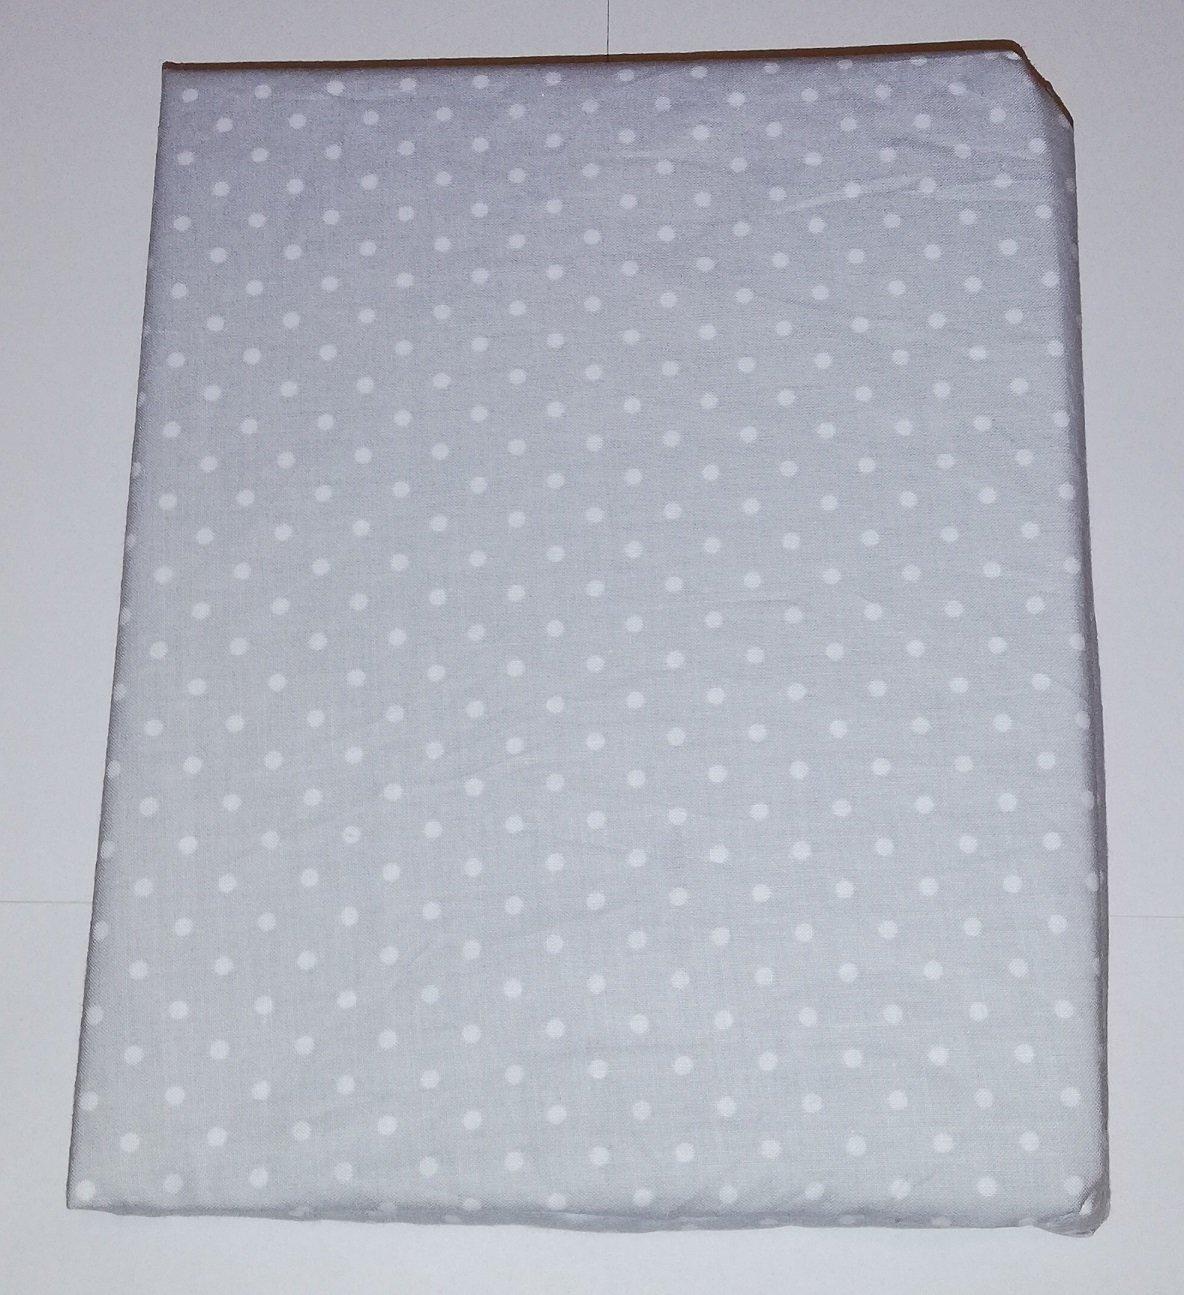 Bavlnìné prostìradlo 120x60 cm šedé s bílými vìtšími puntíky